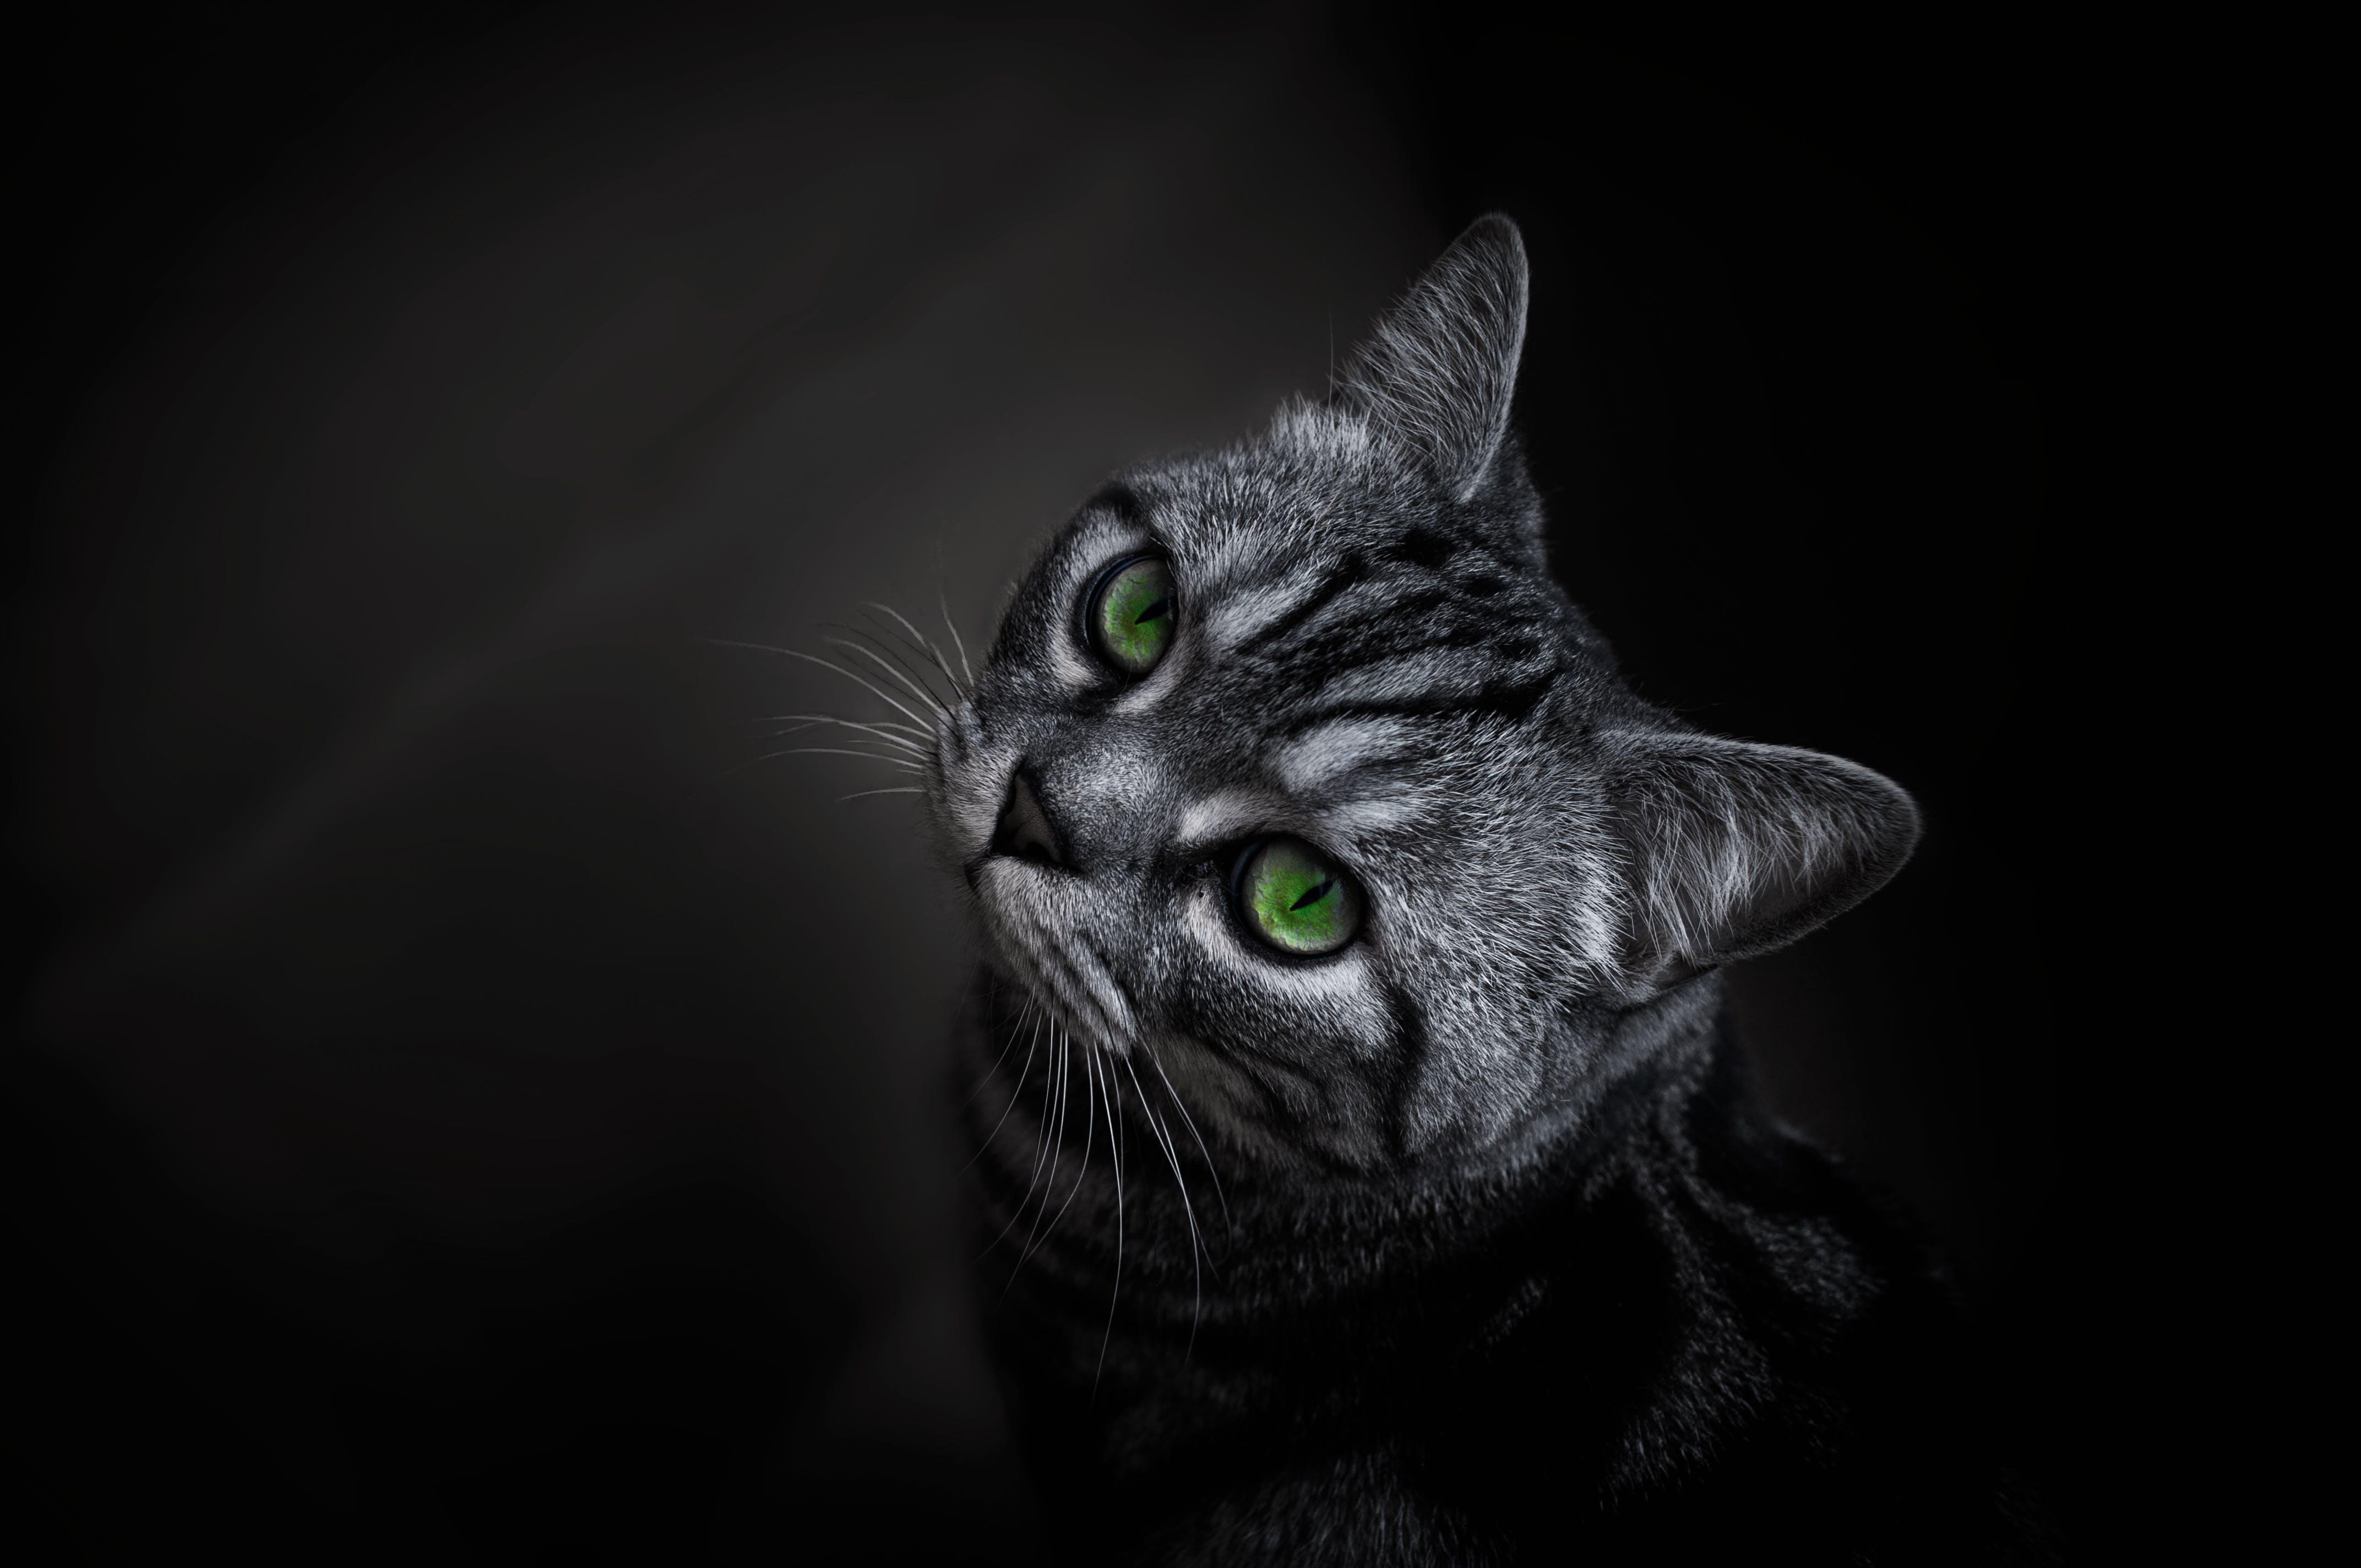 動物攝影, 可愛, 可愛的, 哺乳動物 的 免费素材照片